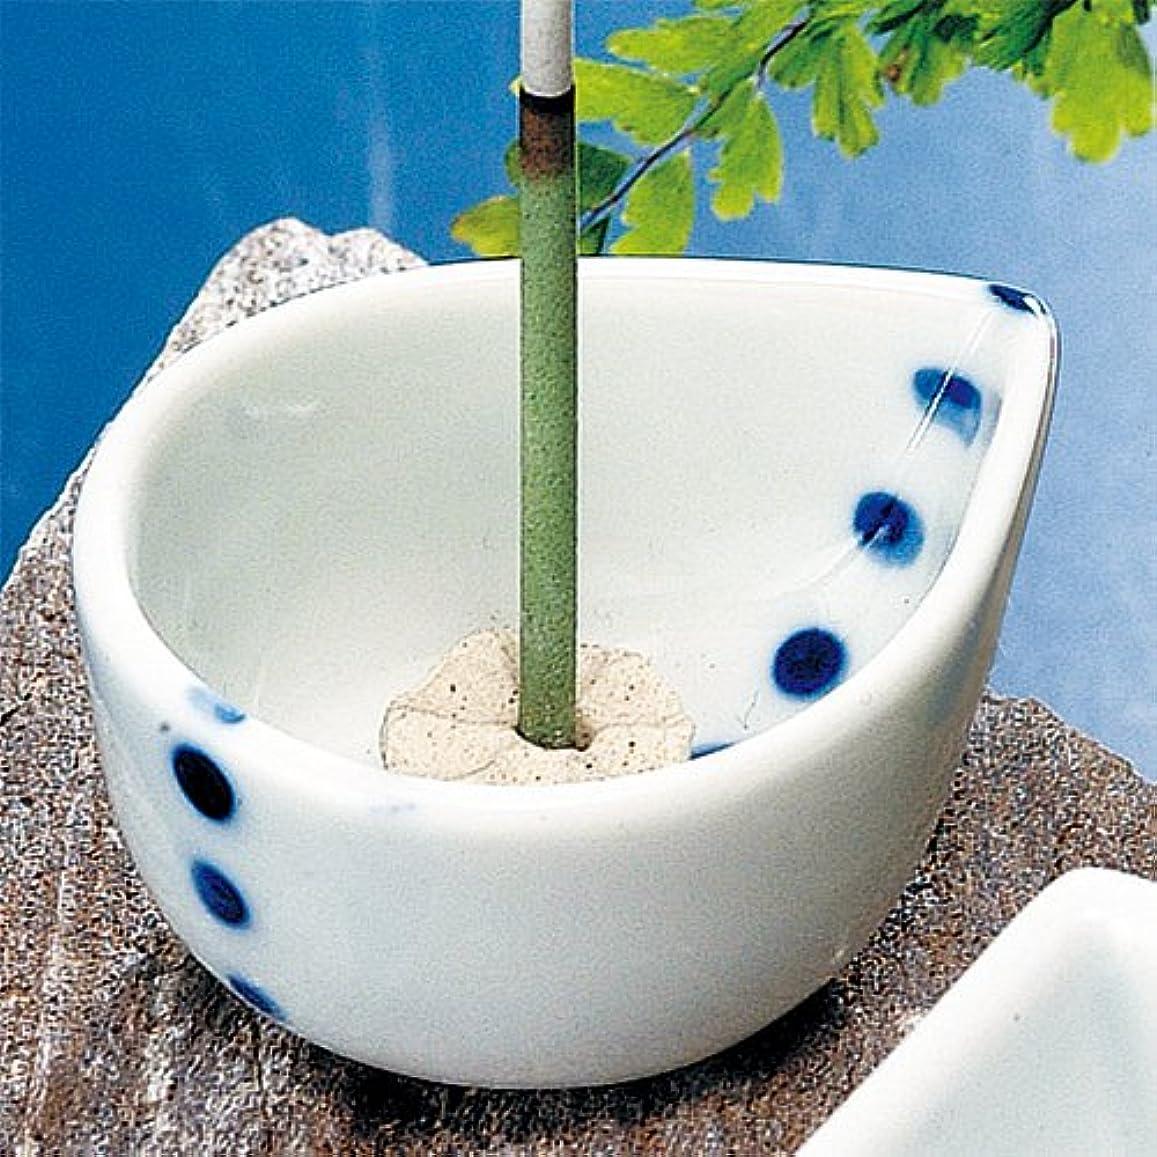 そこからレンズエンティティ香皿 水玉 ミニ香立鉢(香玉付) 花びら [5.5x4.5xH2.5cm] プレゼント ギフト 和食器 かわいい インテリア